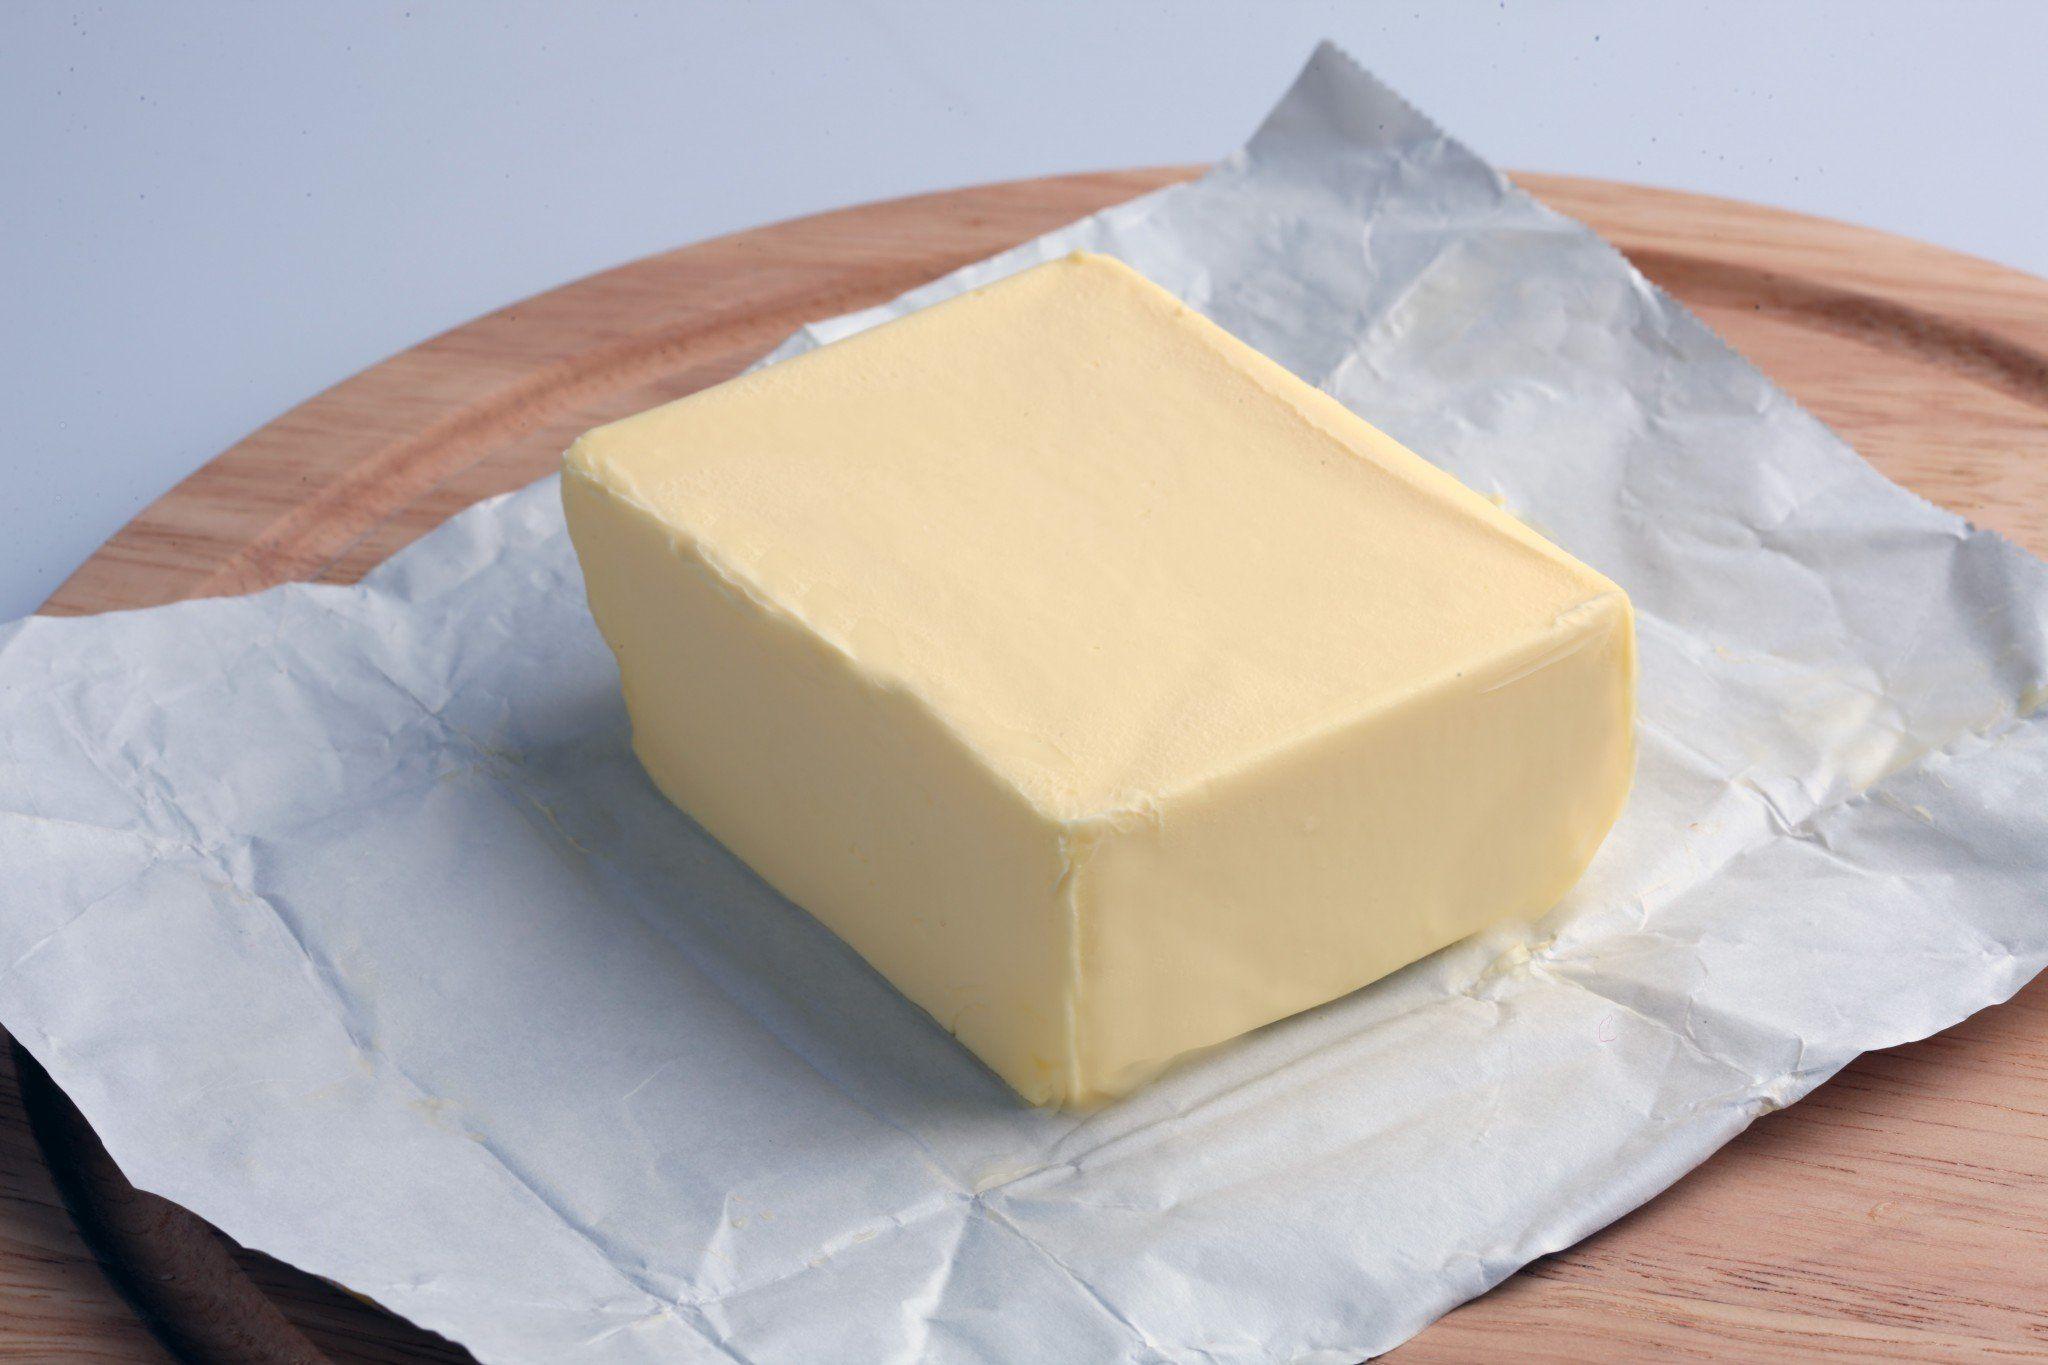 В Тверской области школьников кормили опасным сливочным маслом